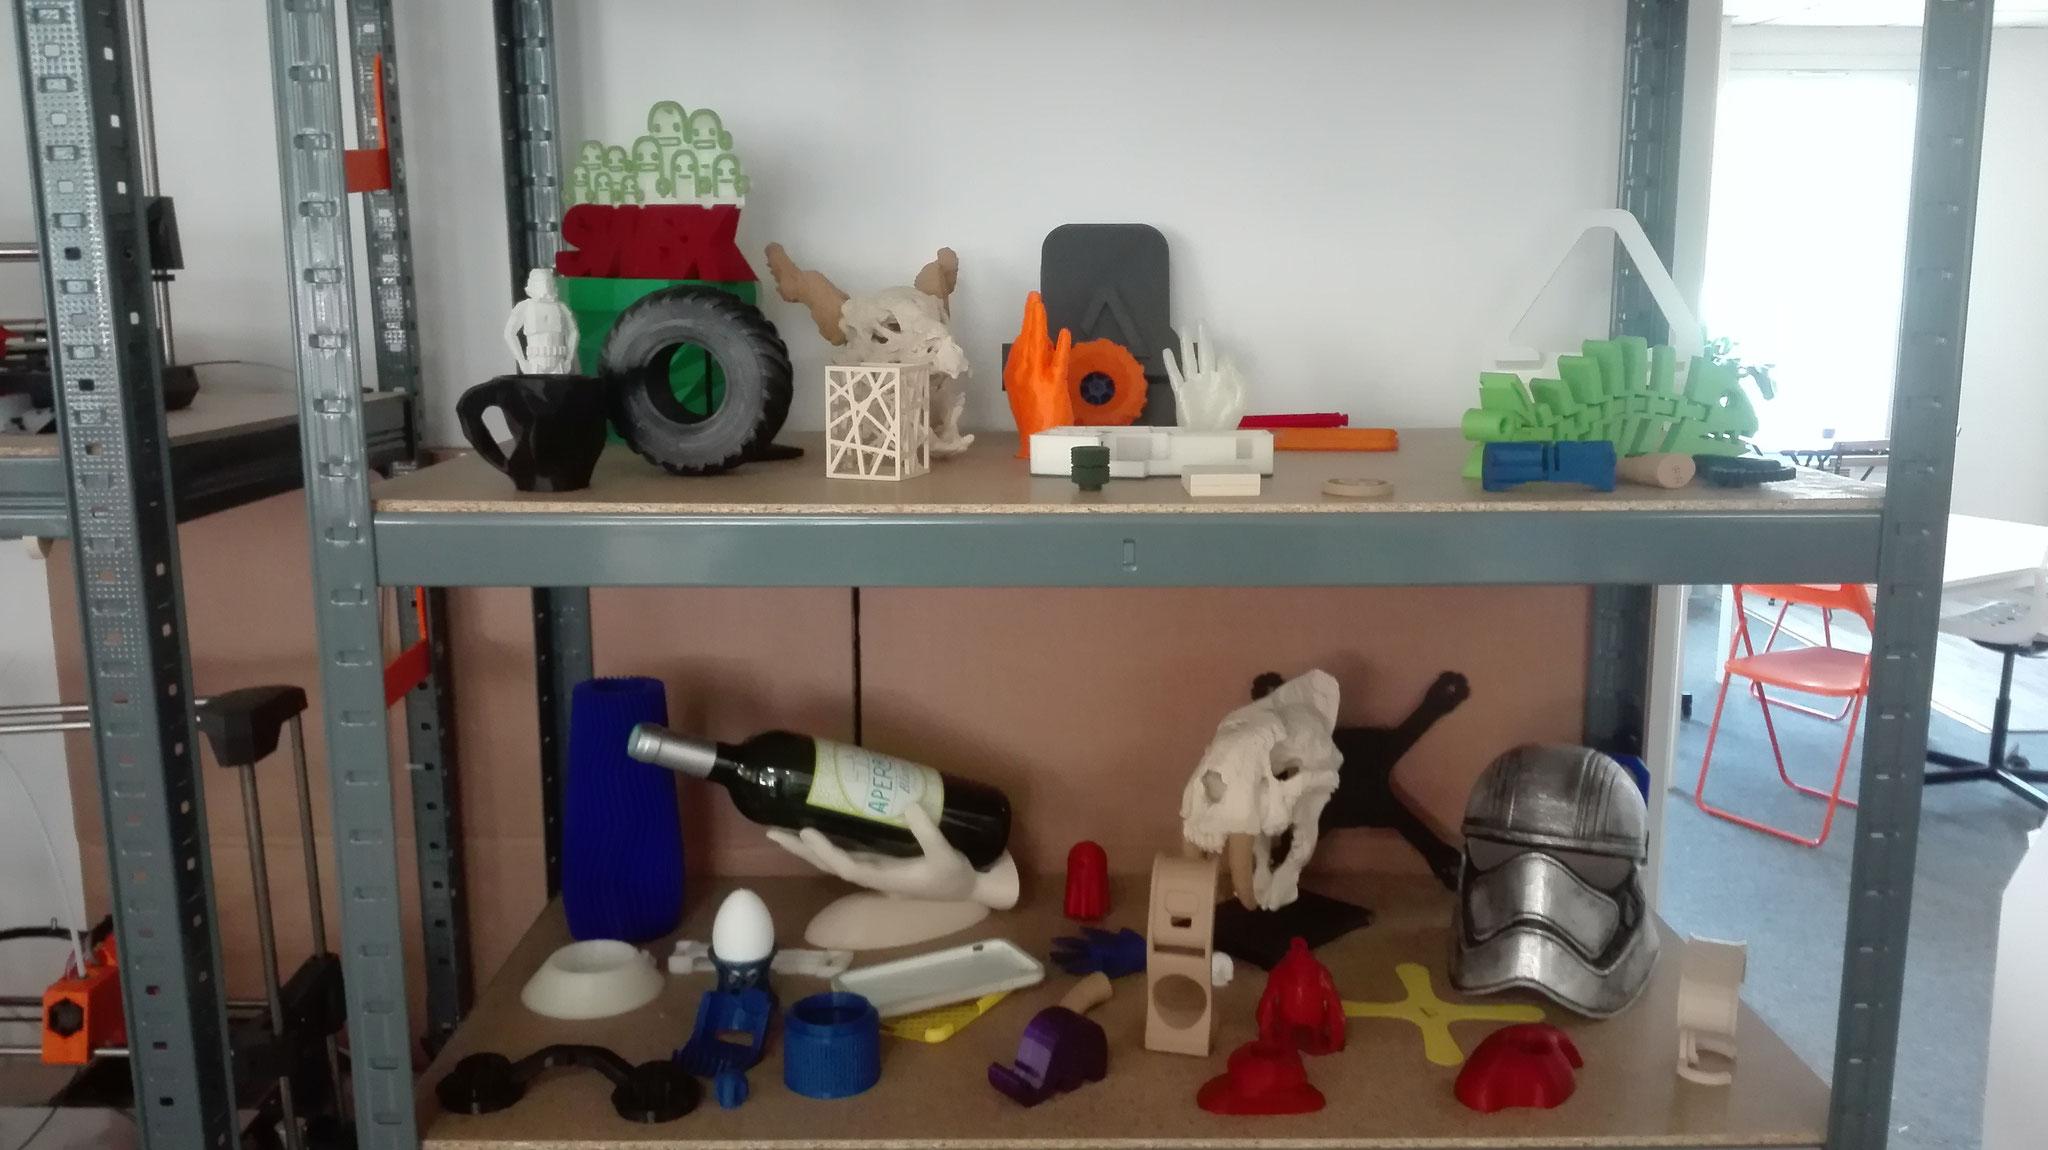 Objets divers fabriqués avec l'imprimante 3D